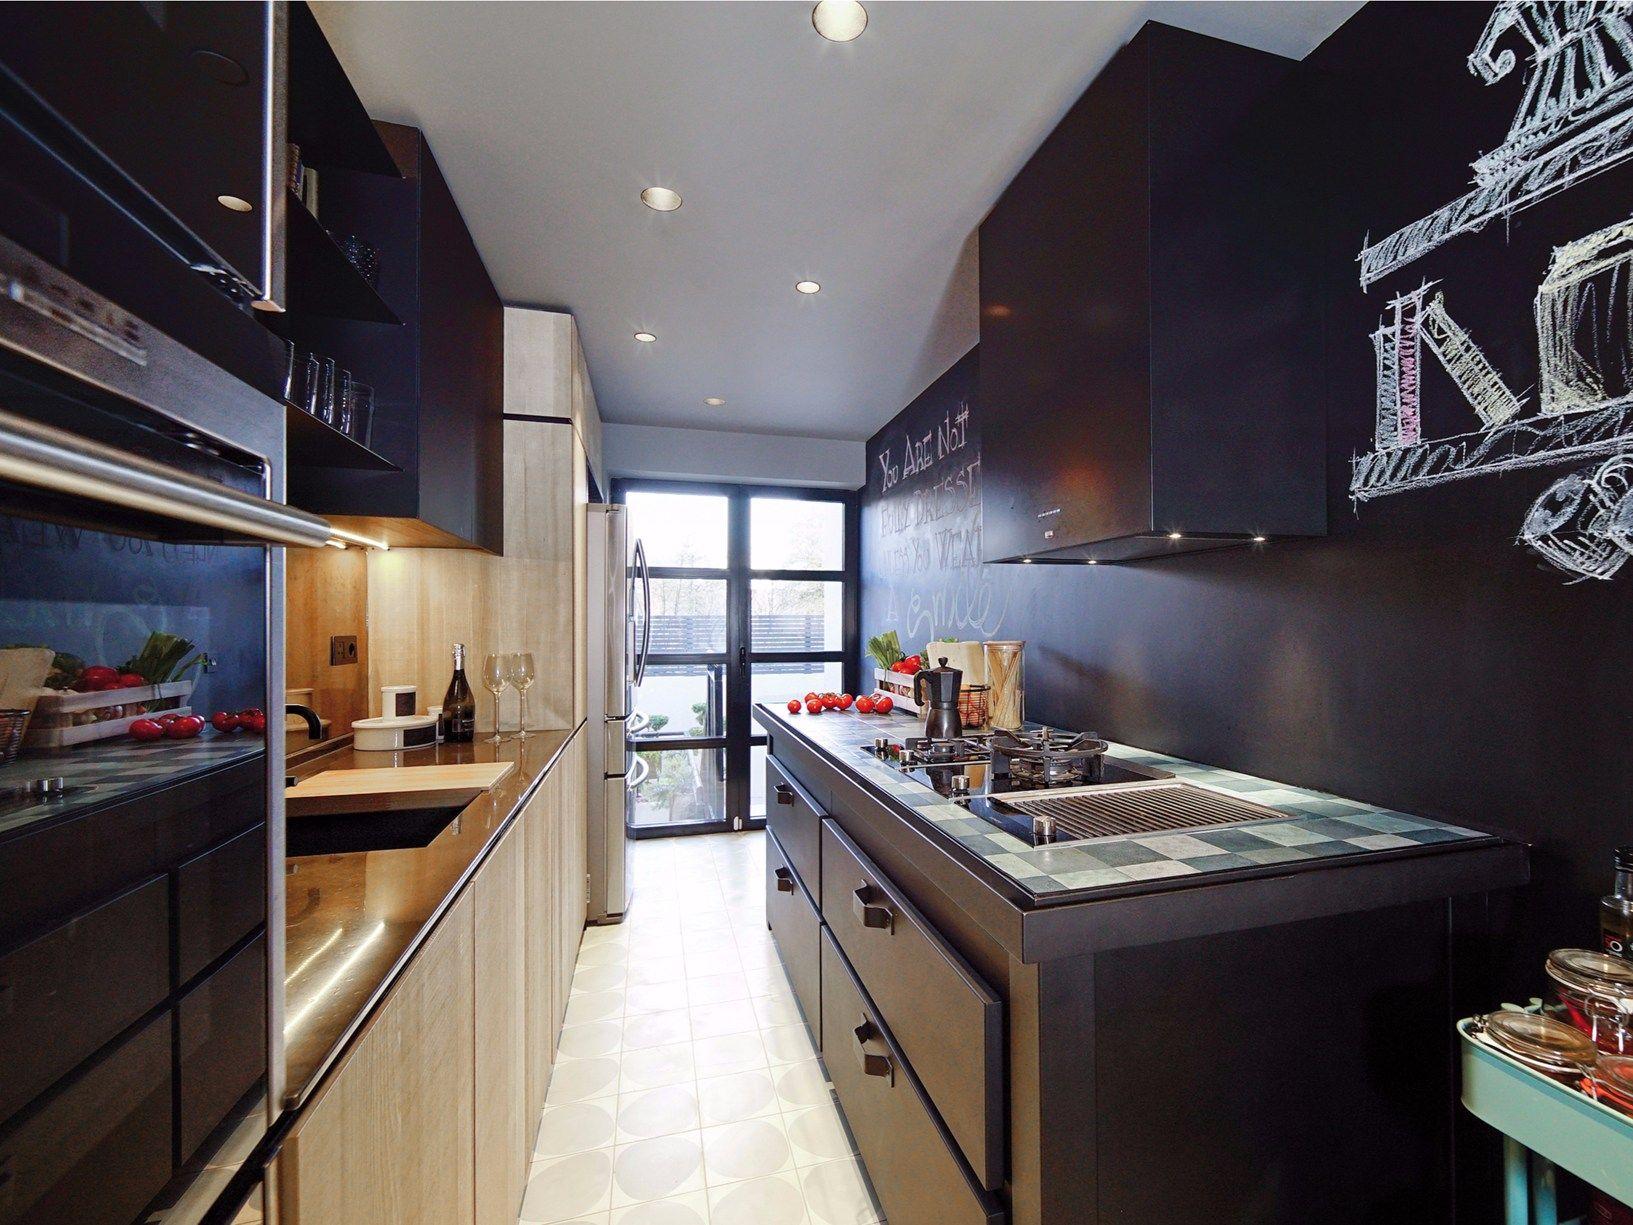 Minacciolo arreda tre appartamenti londinesi for Tre i arreda